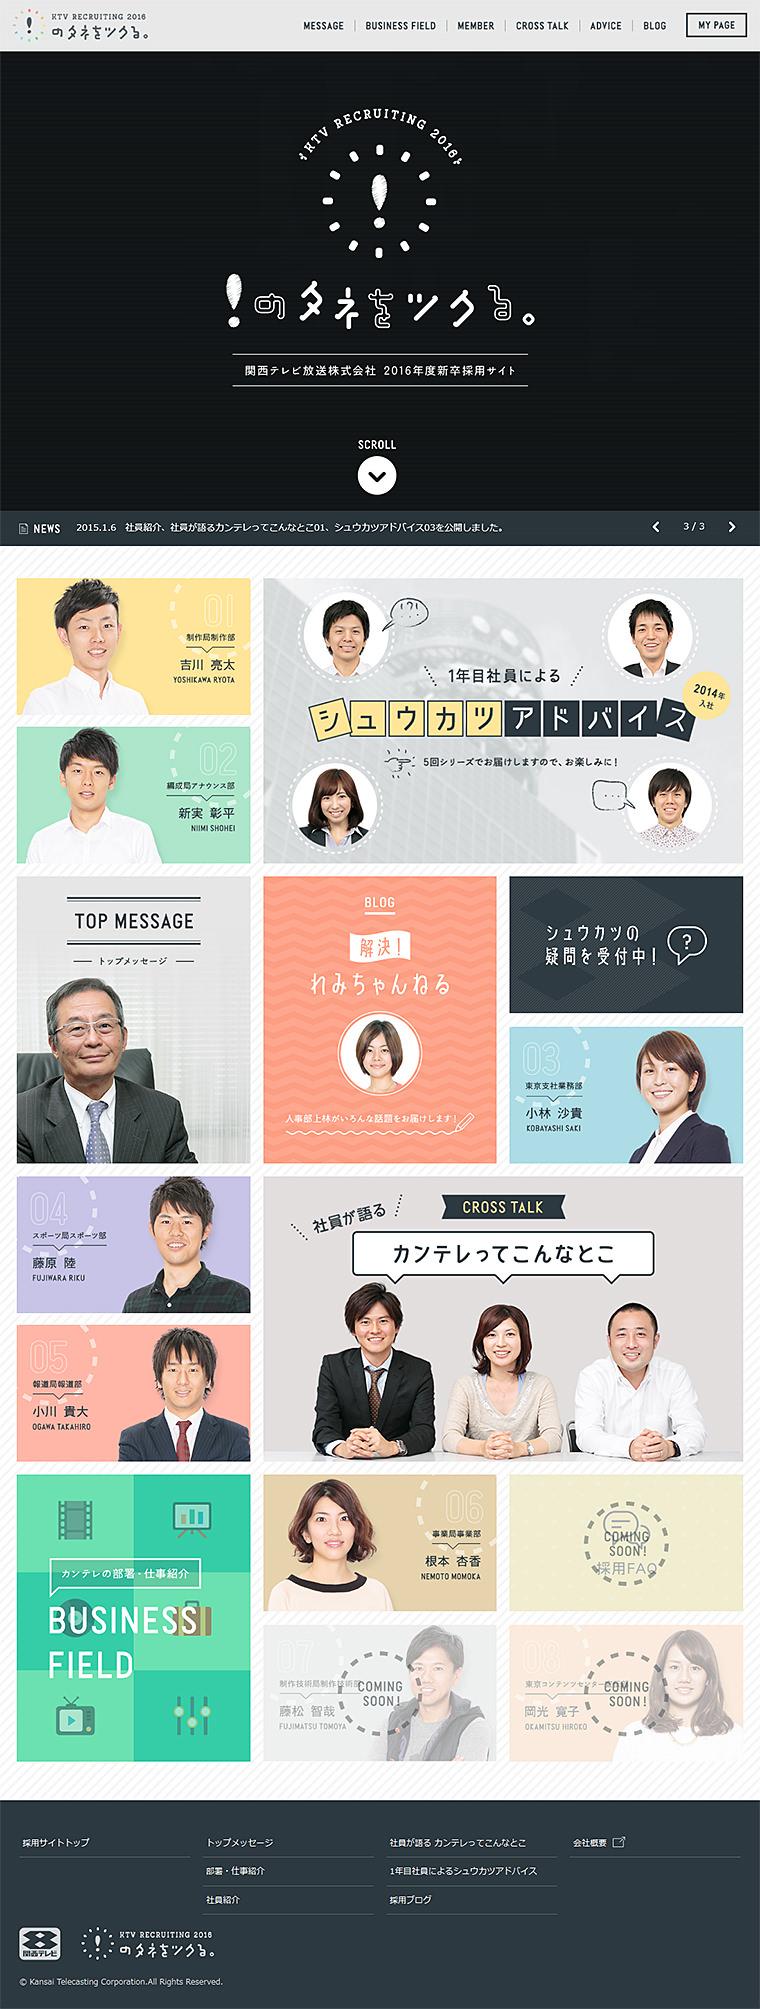 関西テレビ RECRUIT 2016